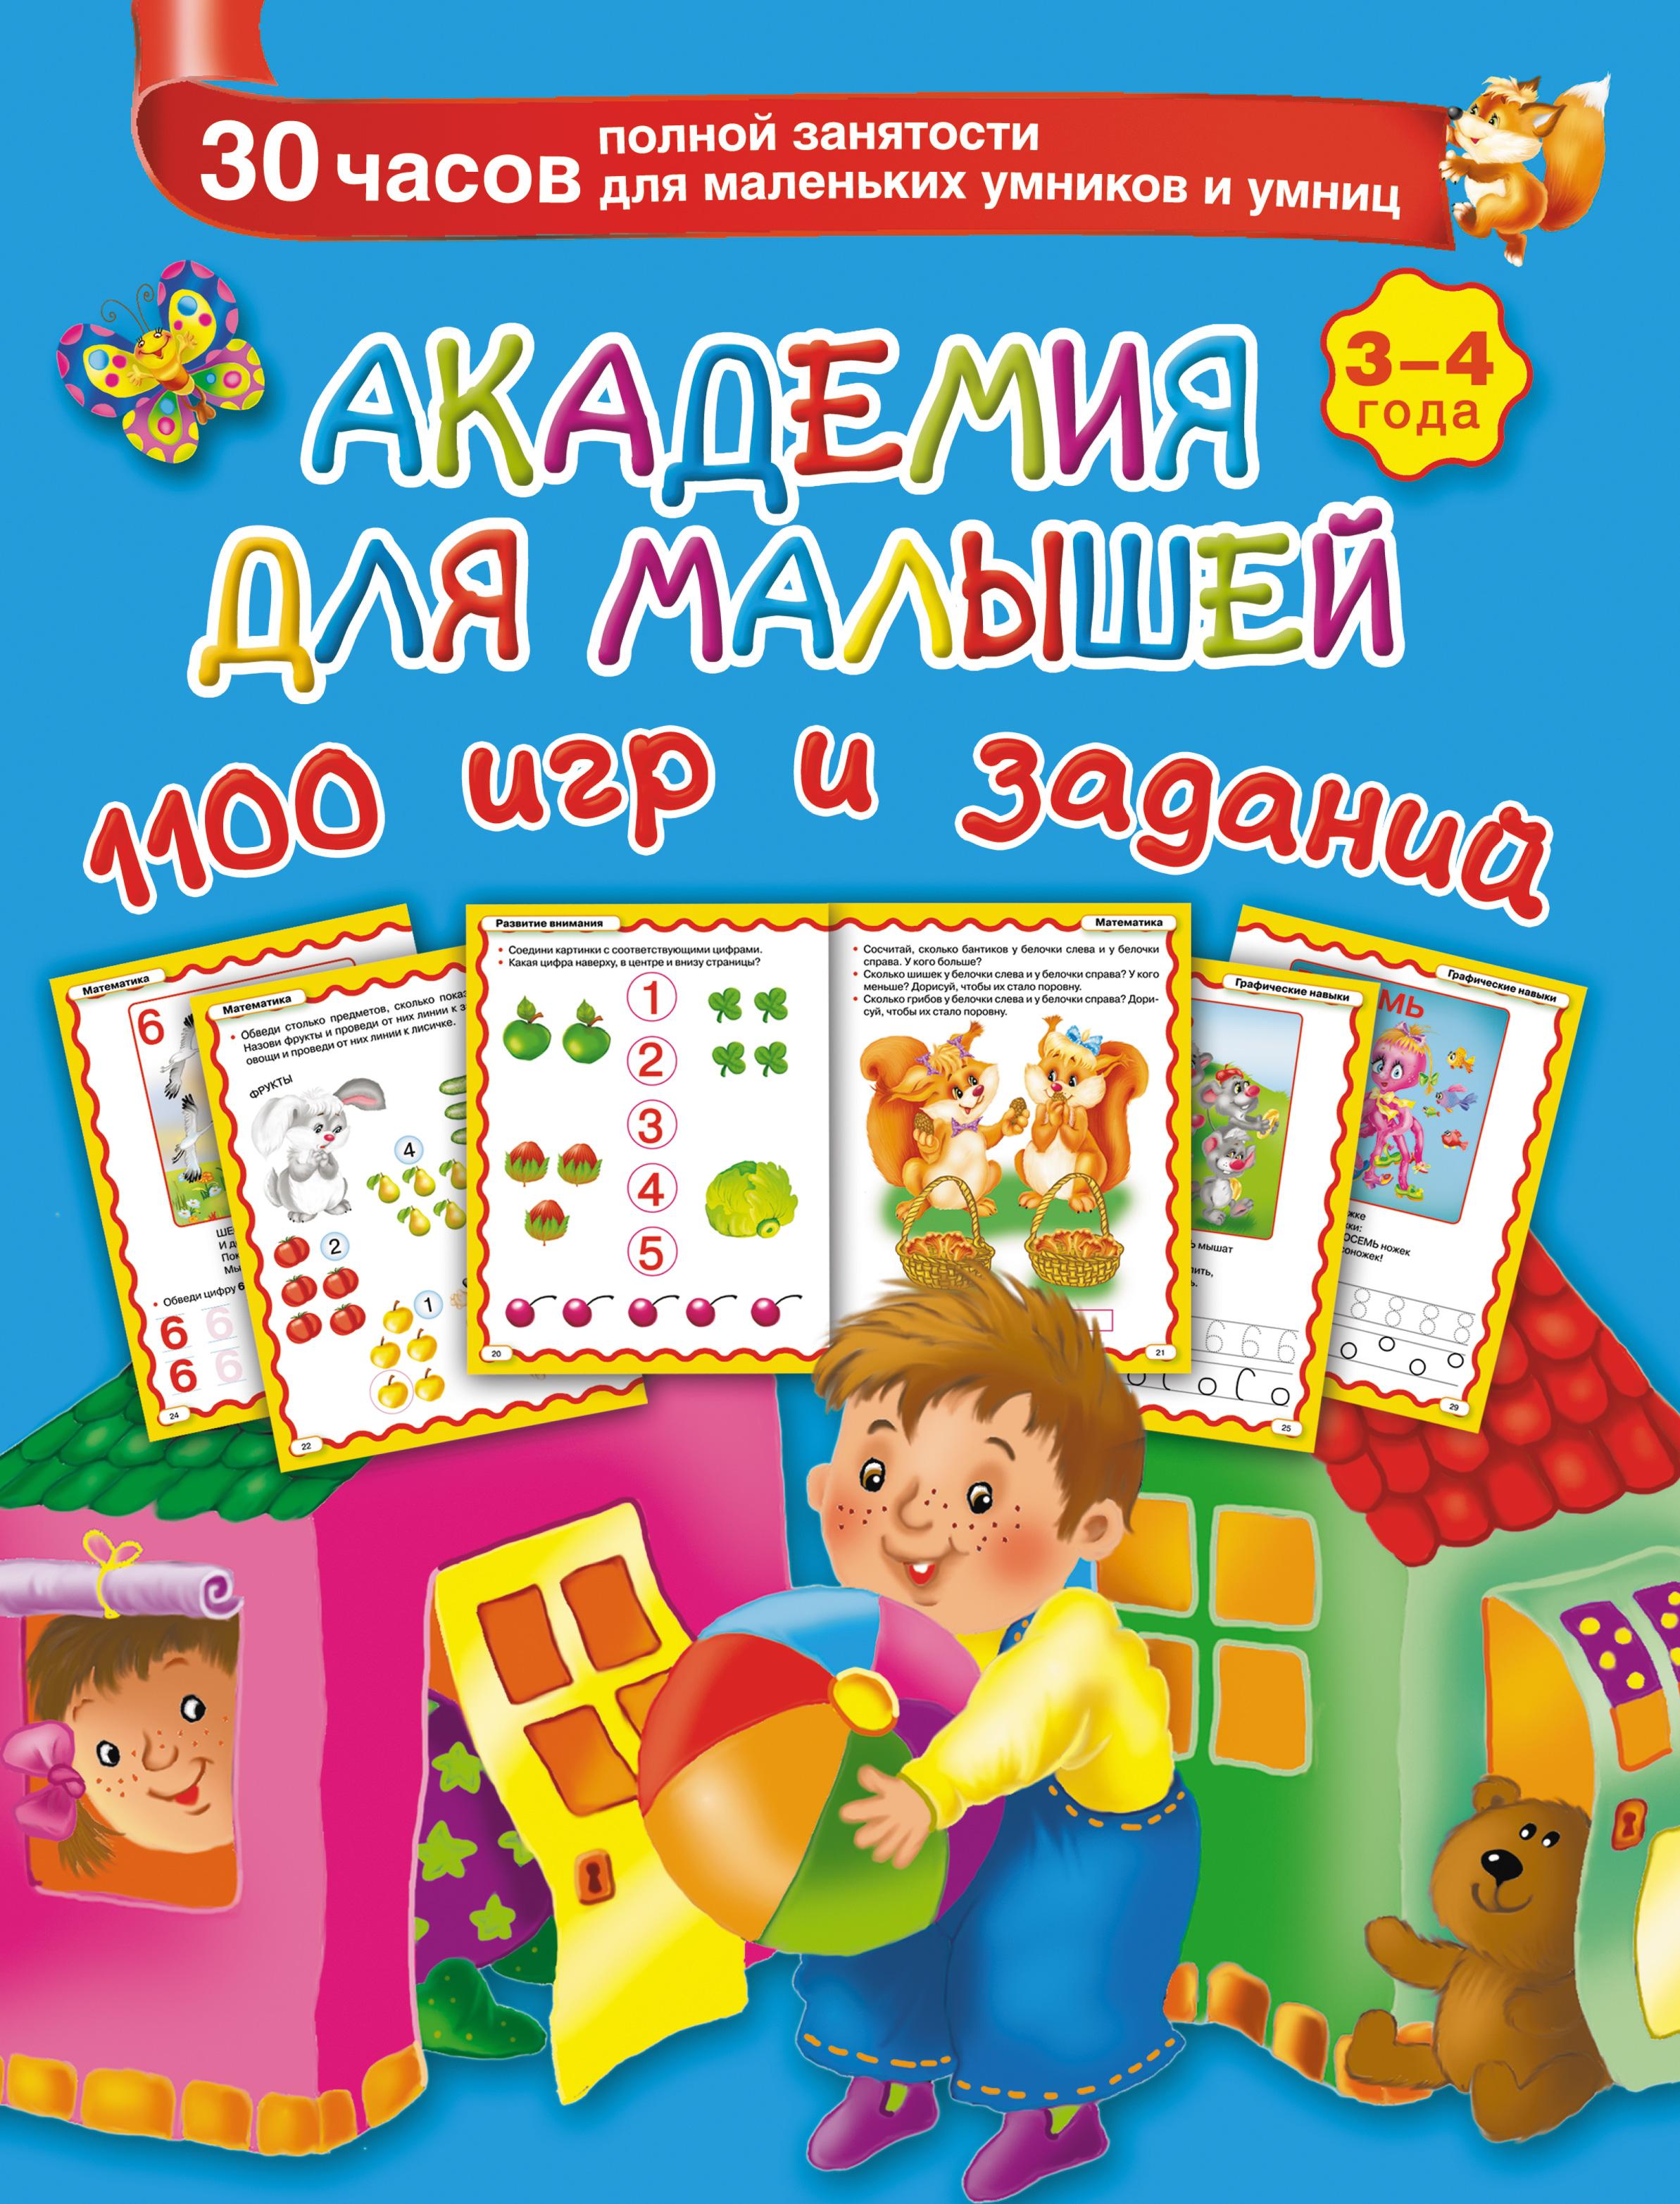 В. Г. Дмитриева Академия для малышей. 1100 игр и заданий. 3-4 года дмитриева в академия для малышей 1100 игр и заданий 5 6 лет 30 часов полной занятости для маленьких умников и умниц